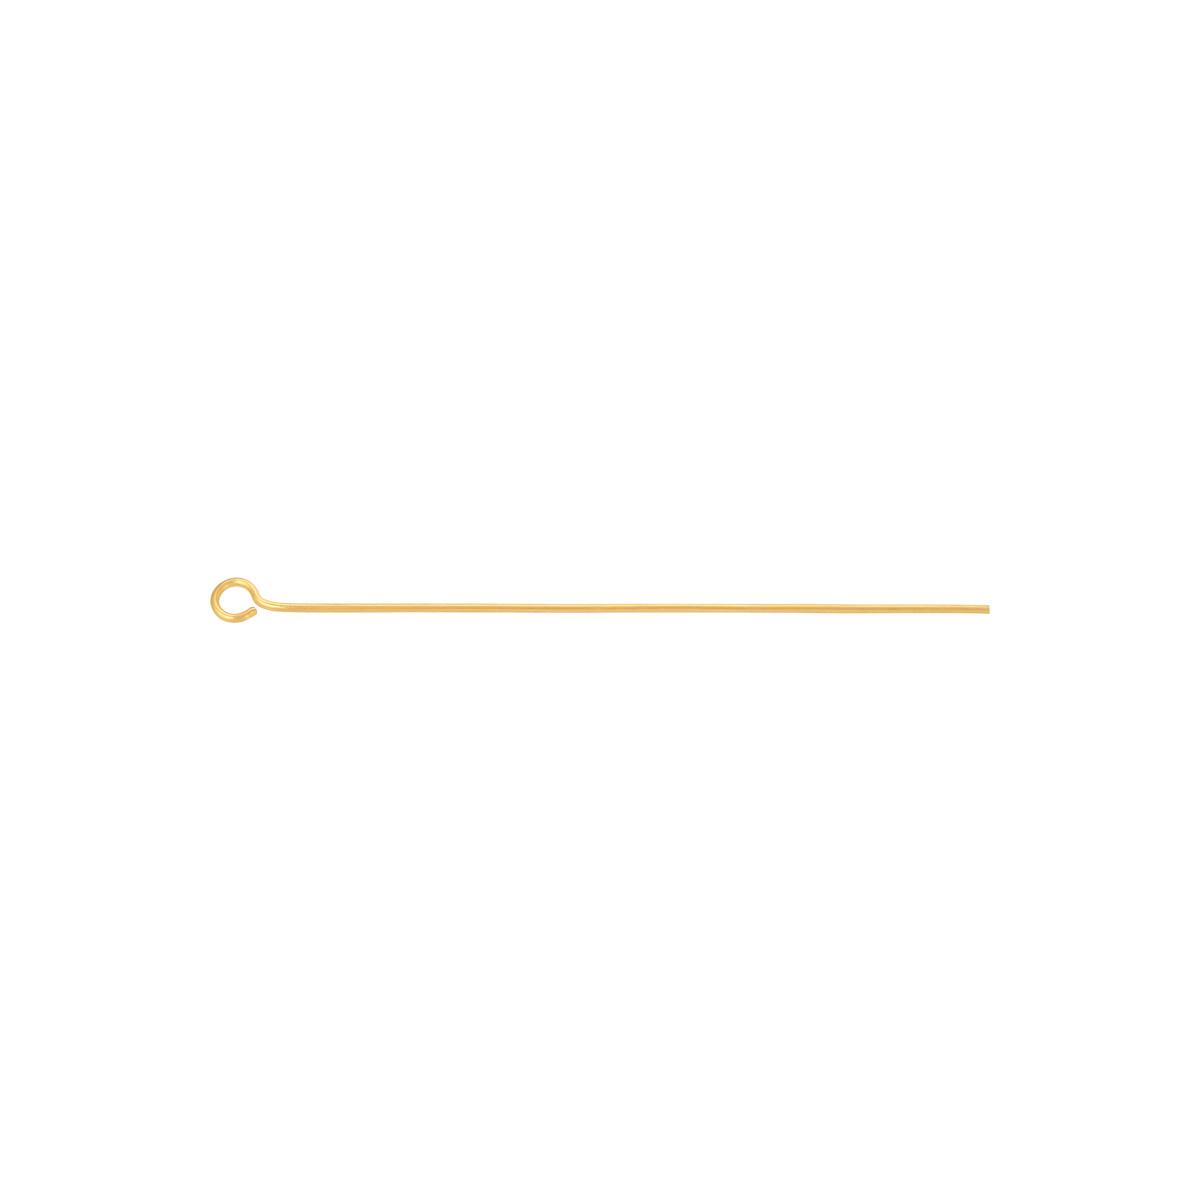 DIY Pin Large -0.8MM